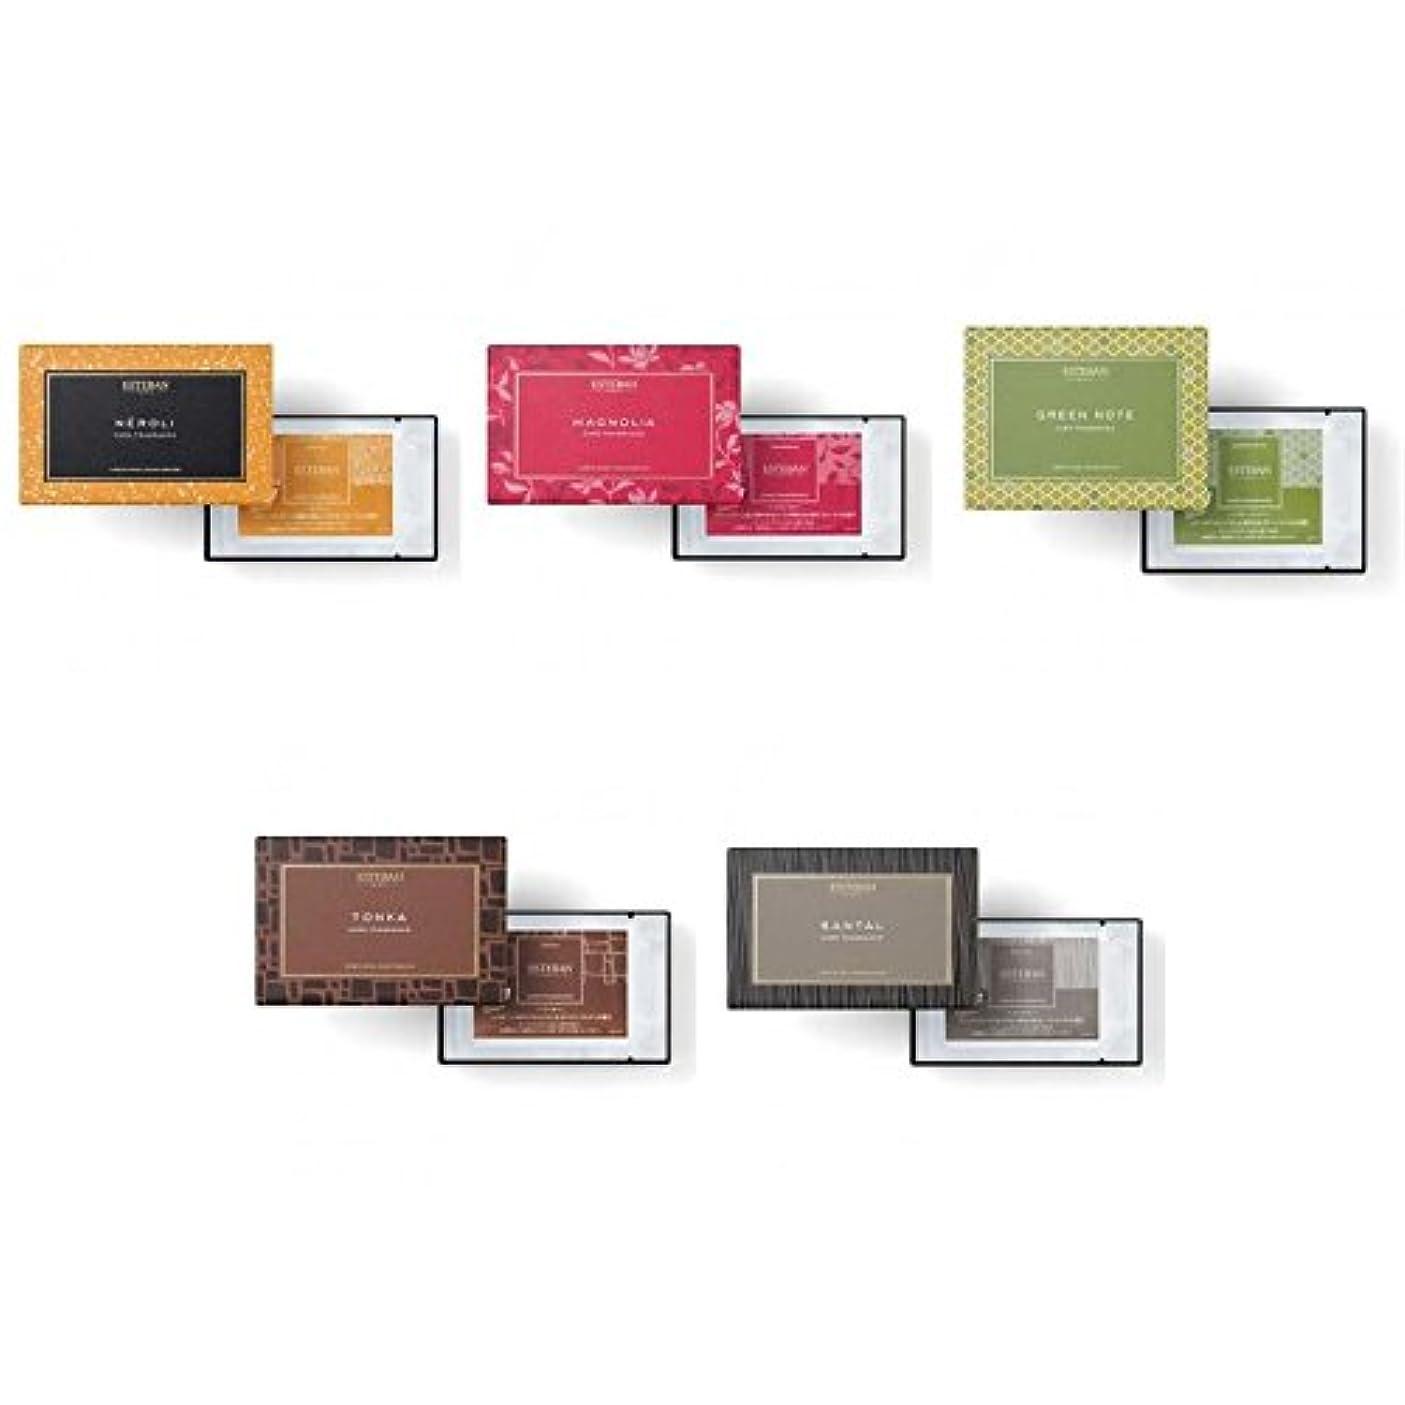 かる電気タービンエステバン カードフレグランス 5種セット